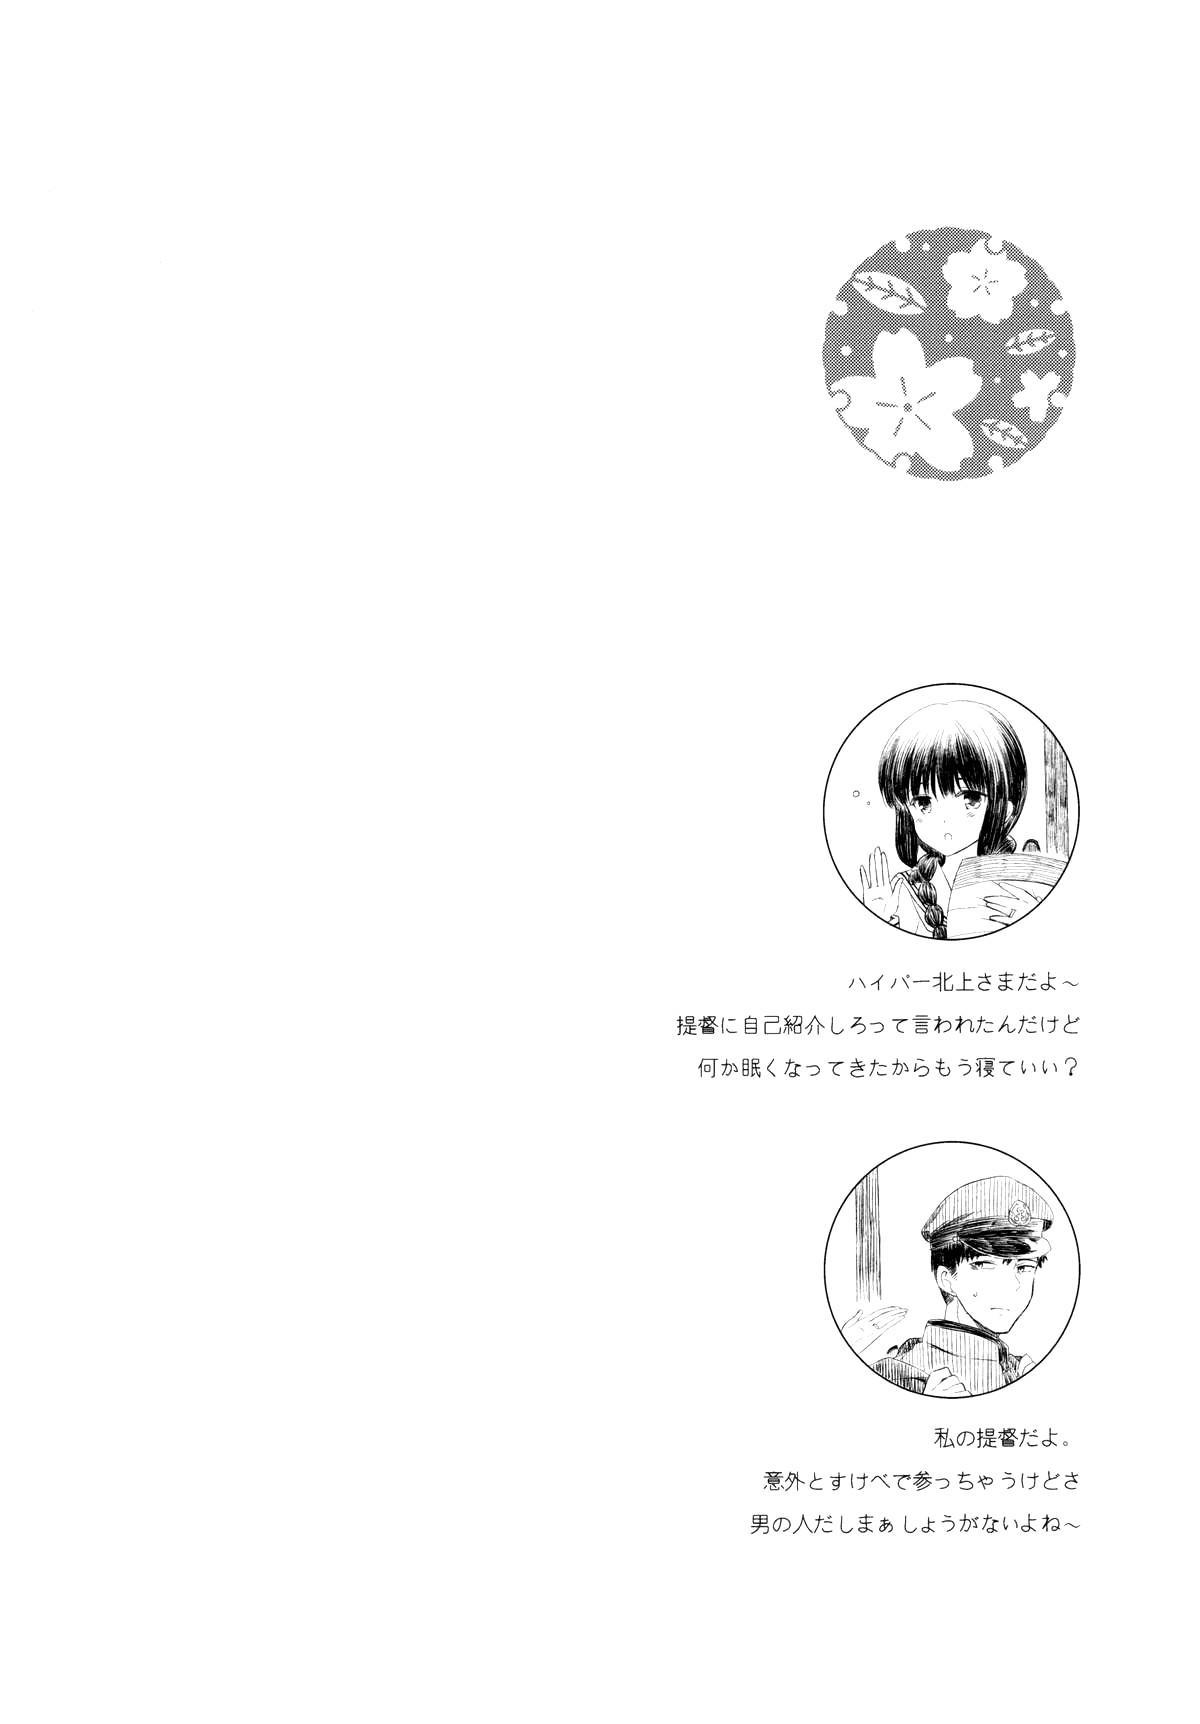 Kitakami-san to Teitoku ga Isshoni Kurasu Ohanashi | A Tale Of Kitakami And The Admiral Living Together 2